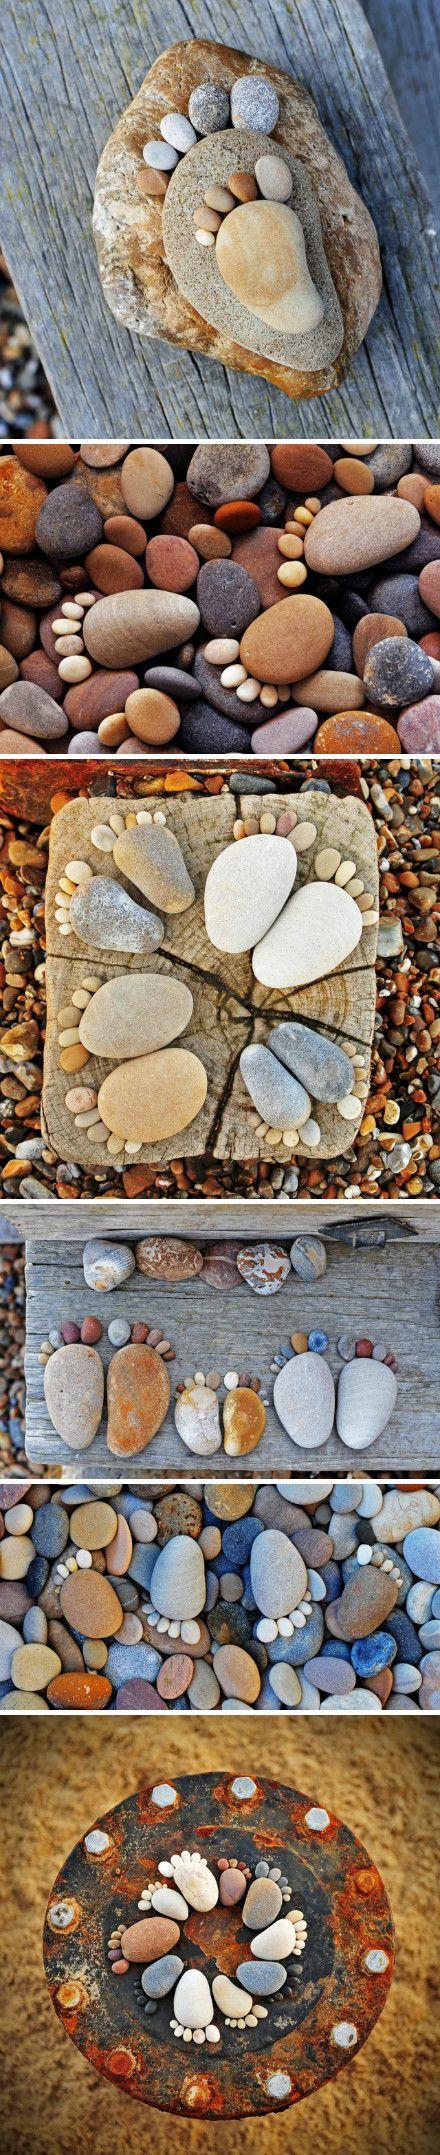 Stone/pebble